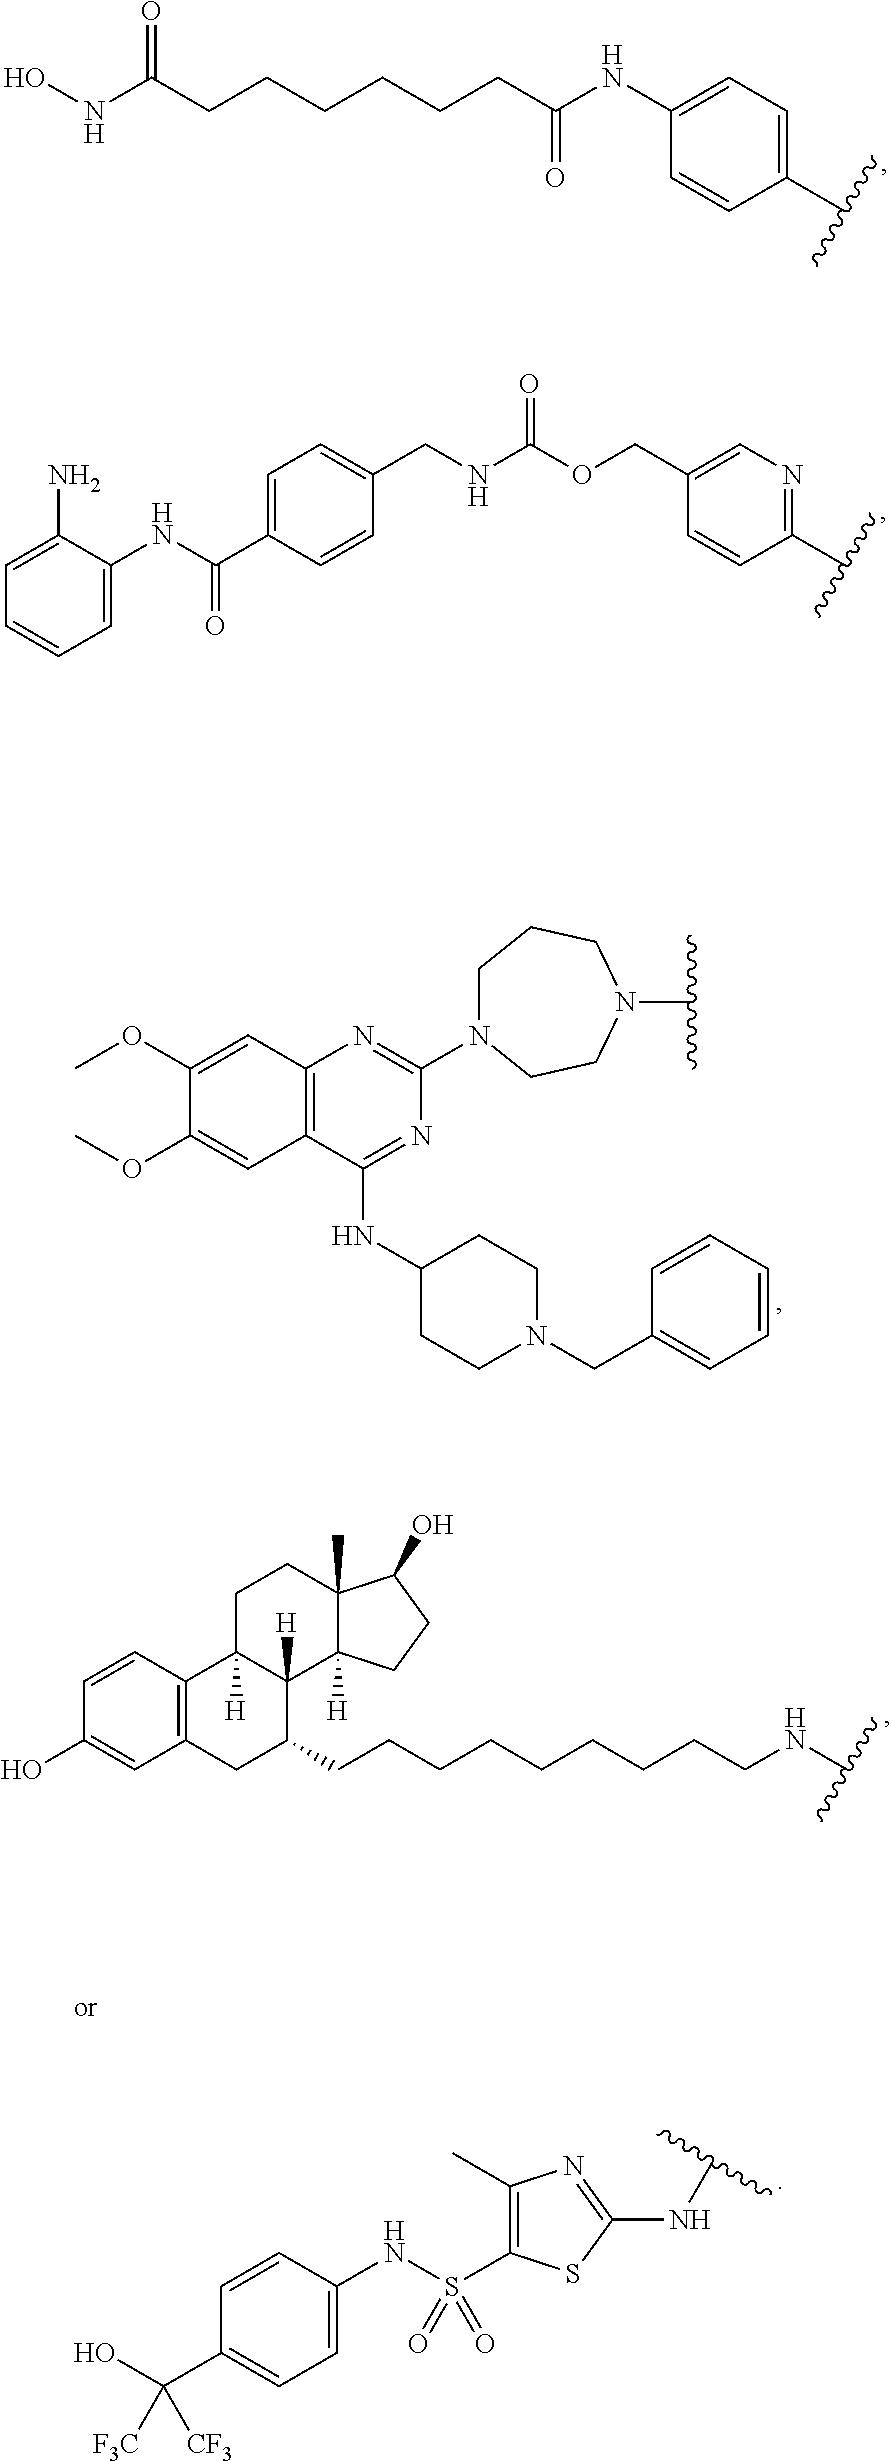 Figure US09809603-20171107-C00021